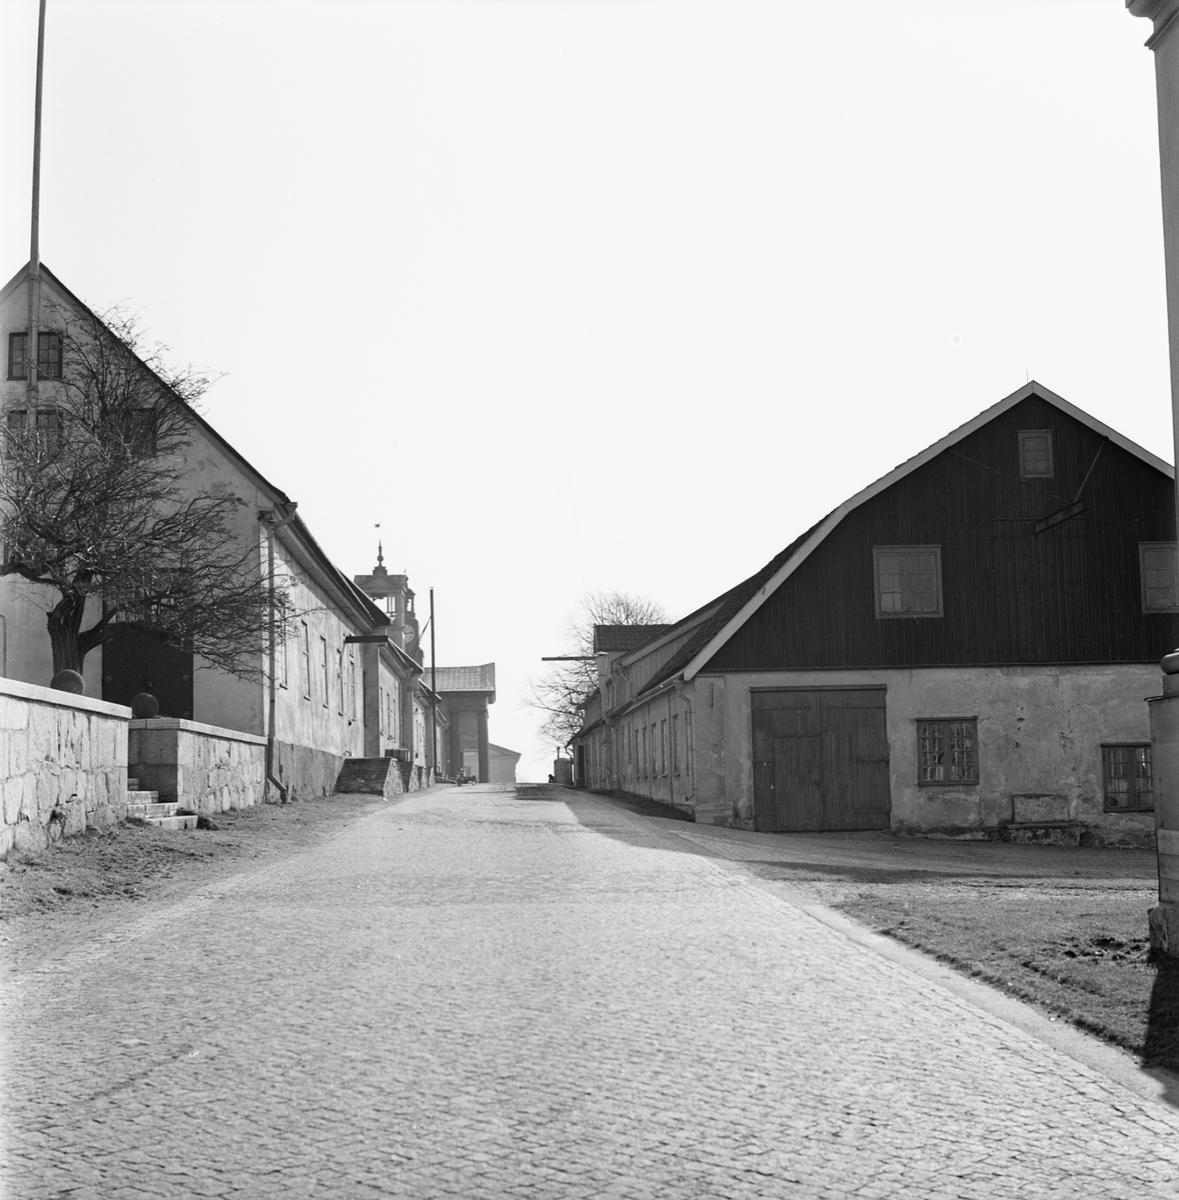 Övrigt: Fotodatum 6/4 1964 Byggnader och Kranar Kansligatan byggnader